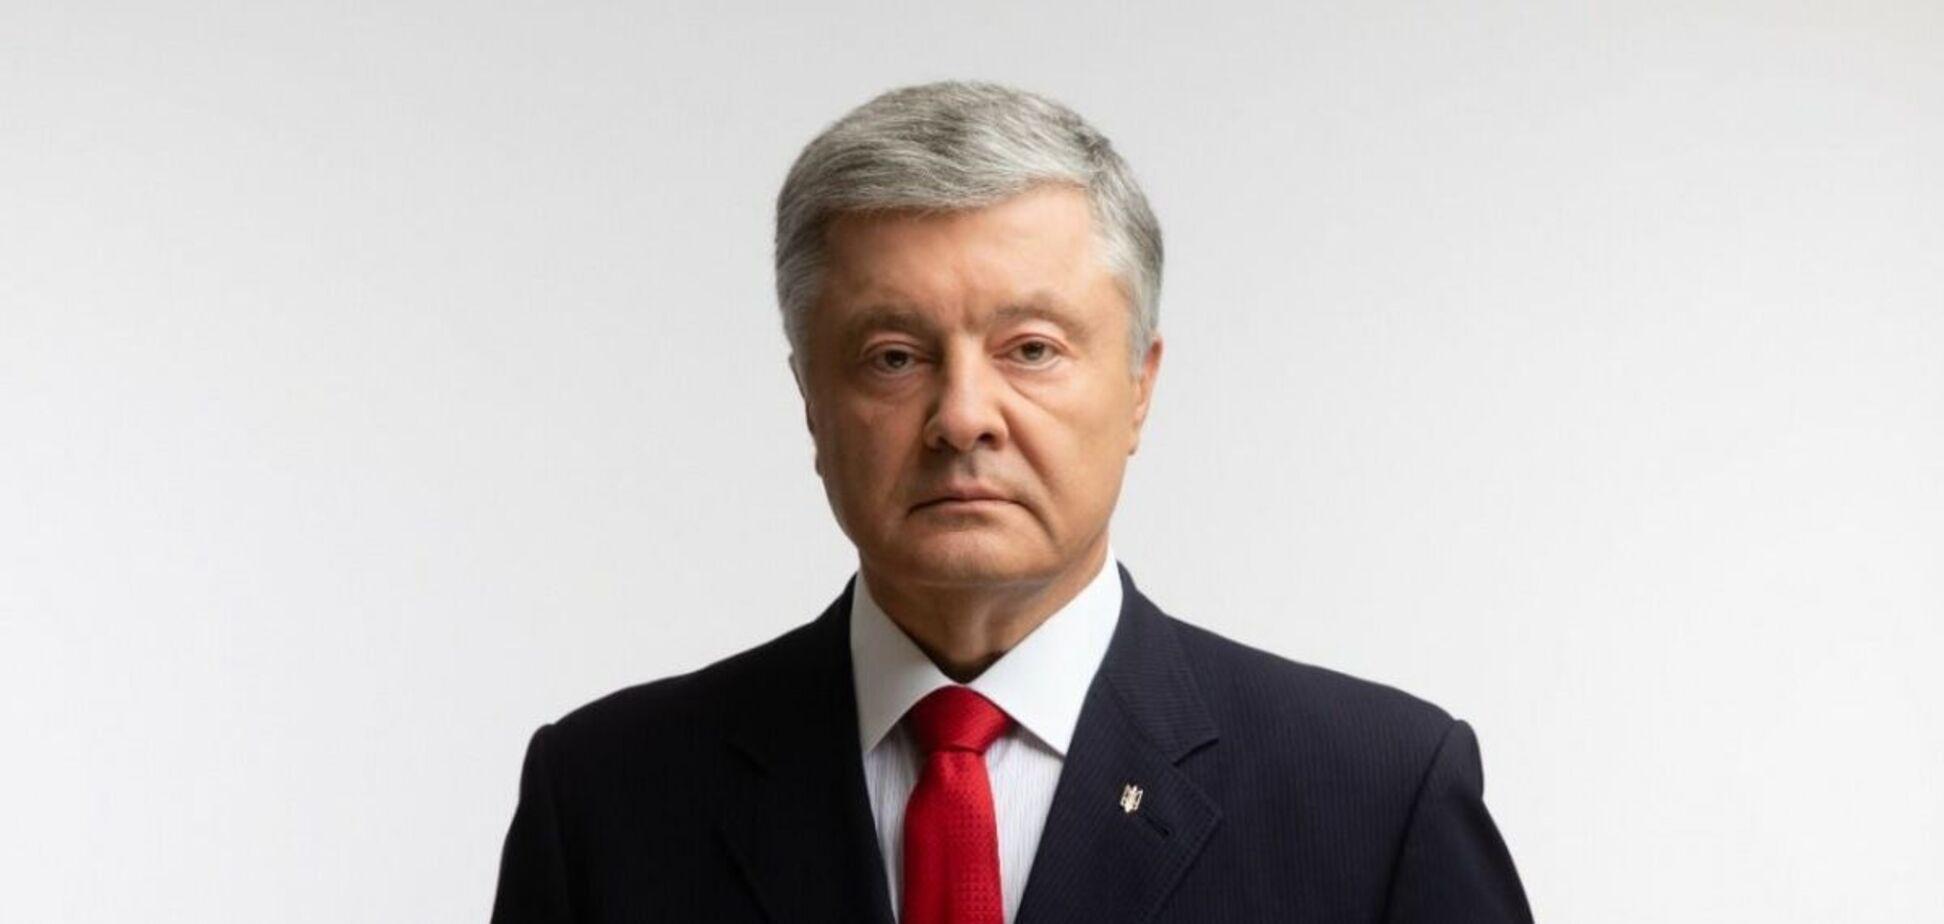 Порошенко: российская 'паспортизация' украинцев требует реакции власти